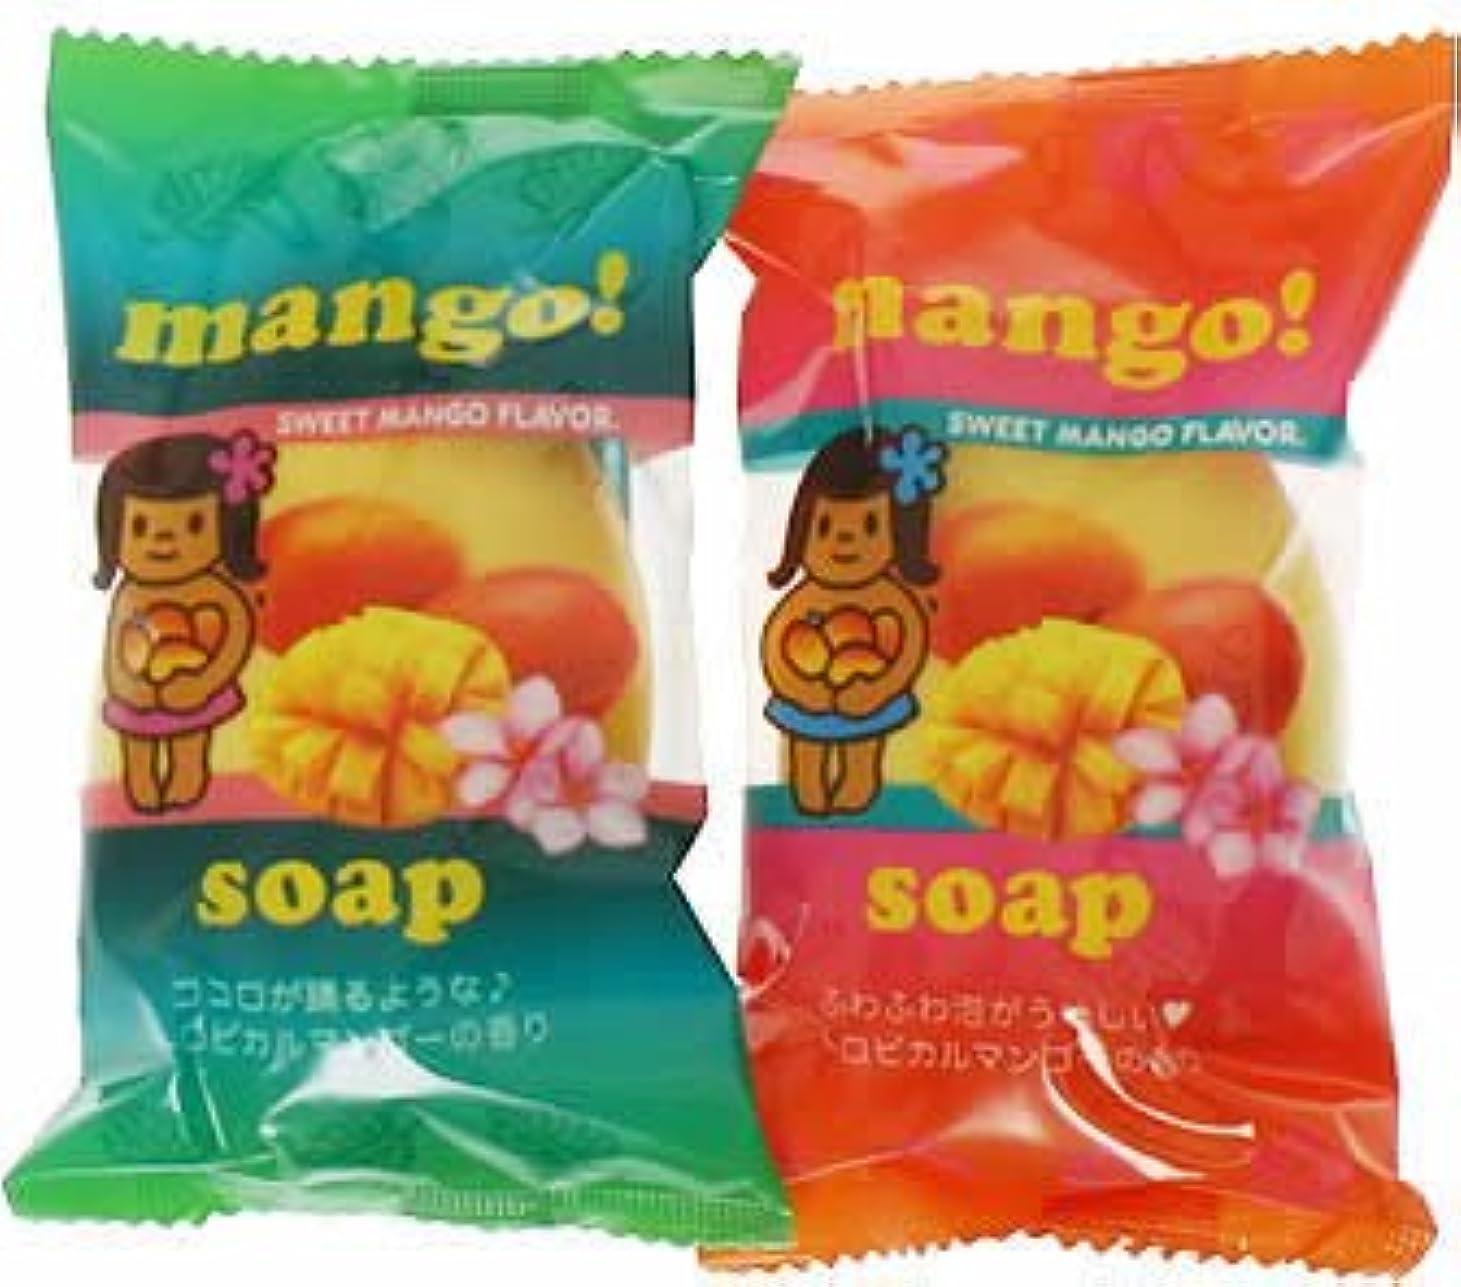 くちばしチャーミングマトンフルーツマーケットソープ マンゴー (70g*2個入)